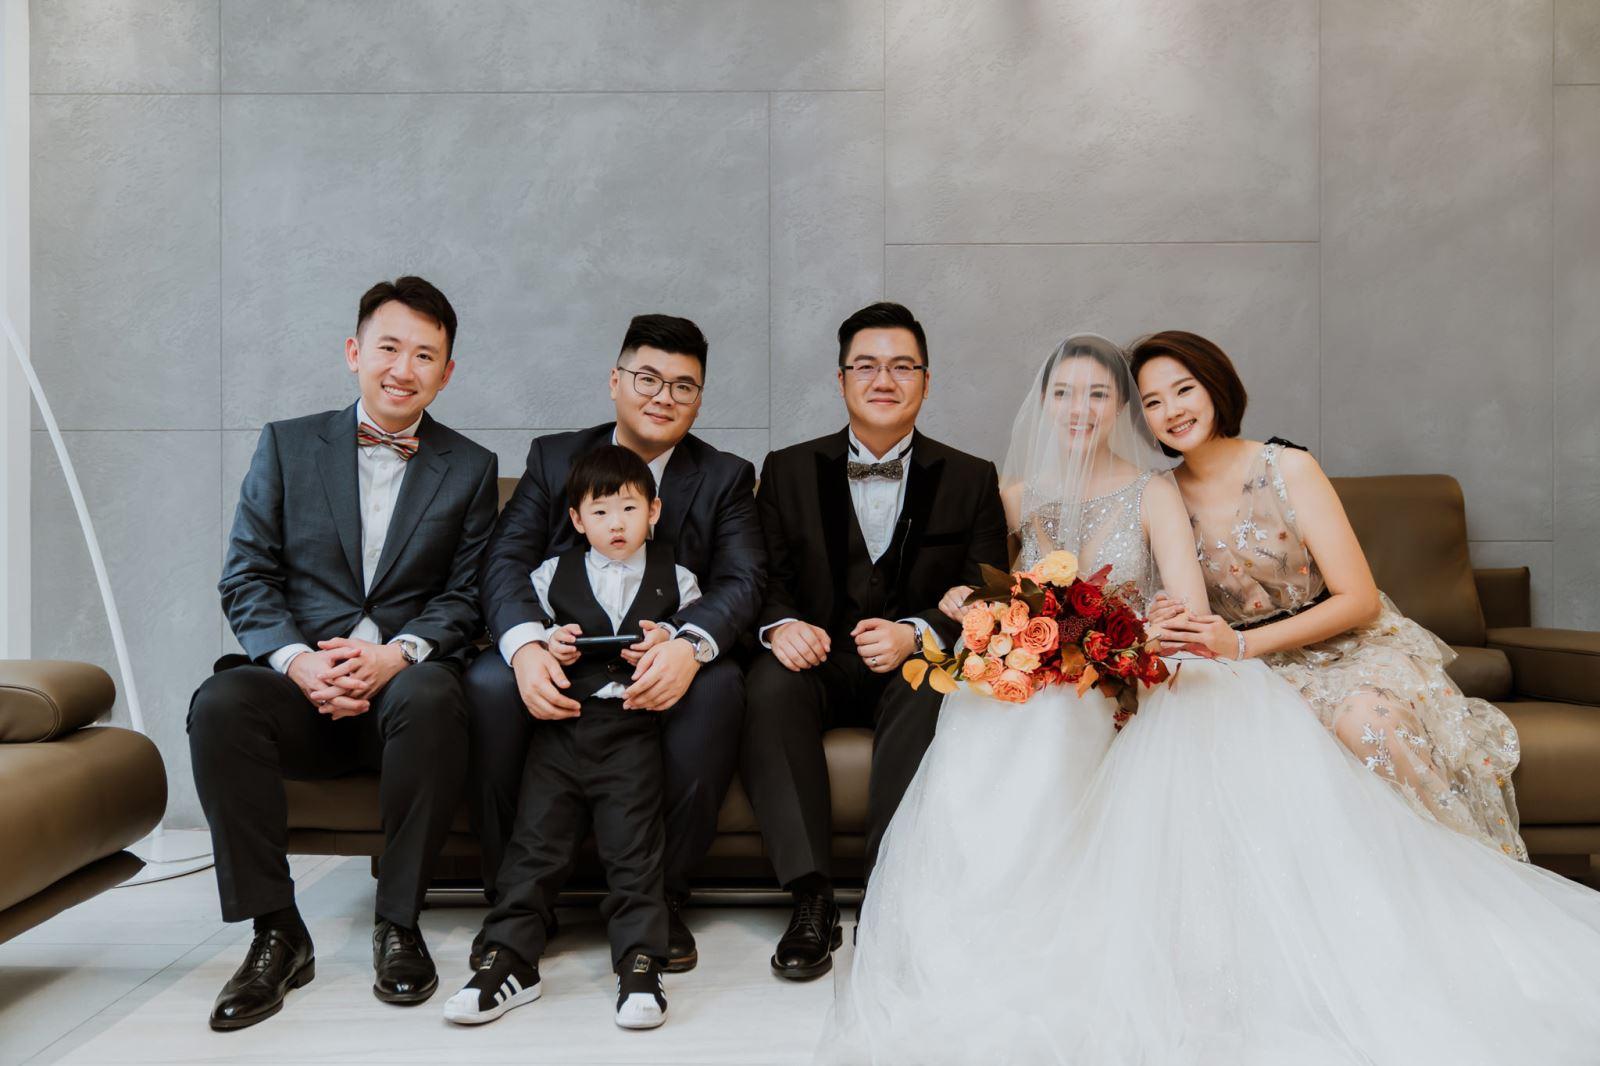 TWO in ONE婚禮顧問安排時間,讓新娘與男方家人合影